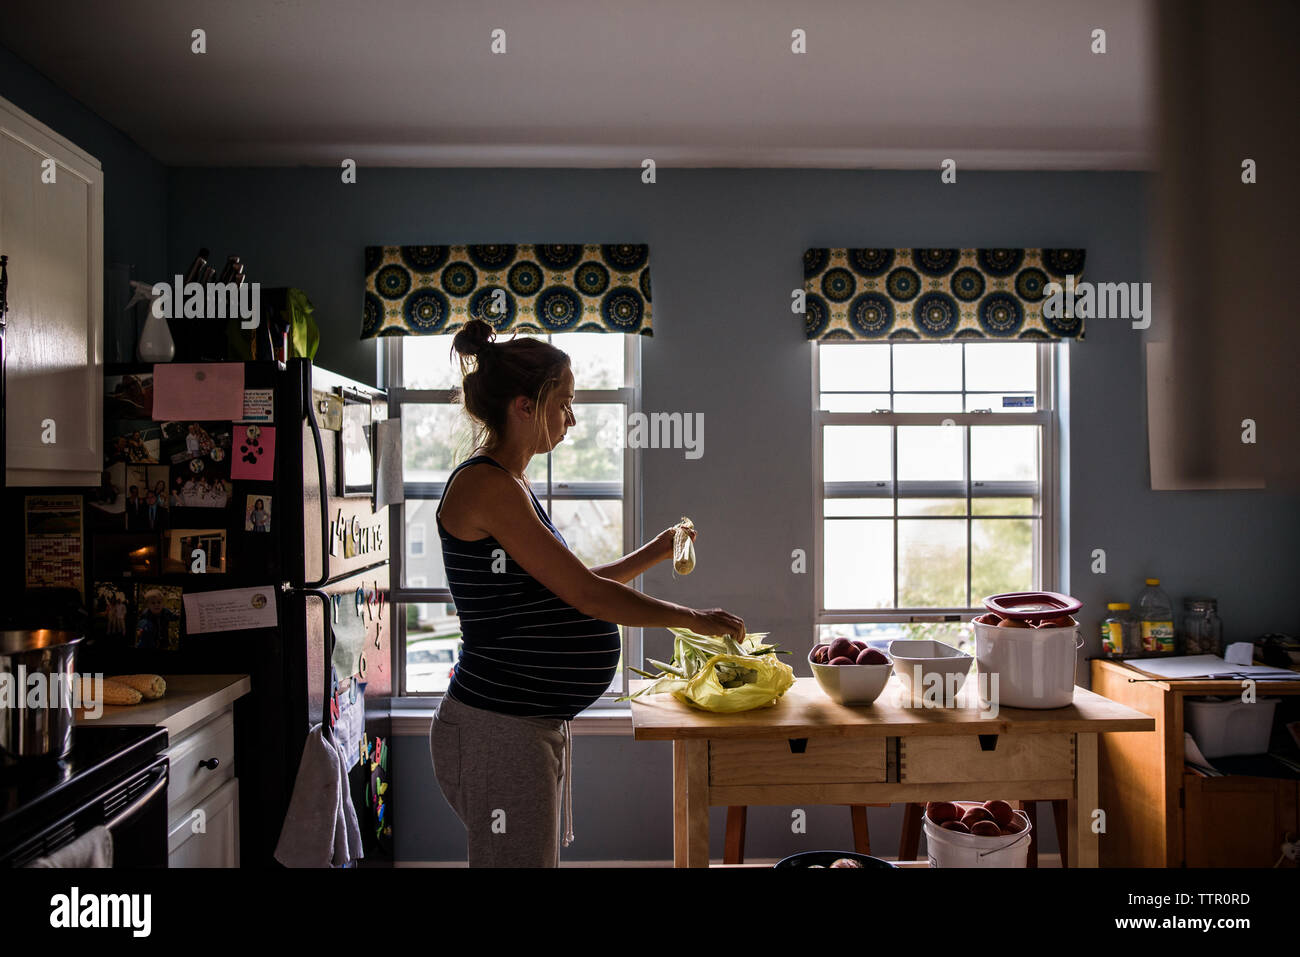 Die werdende Mutter schalen Mais in hell erleuchteten Küche Stockfoto